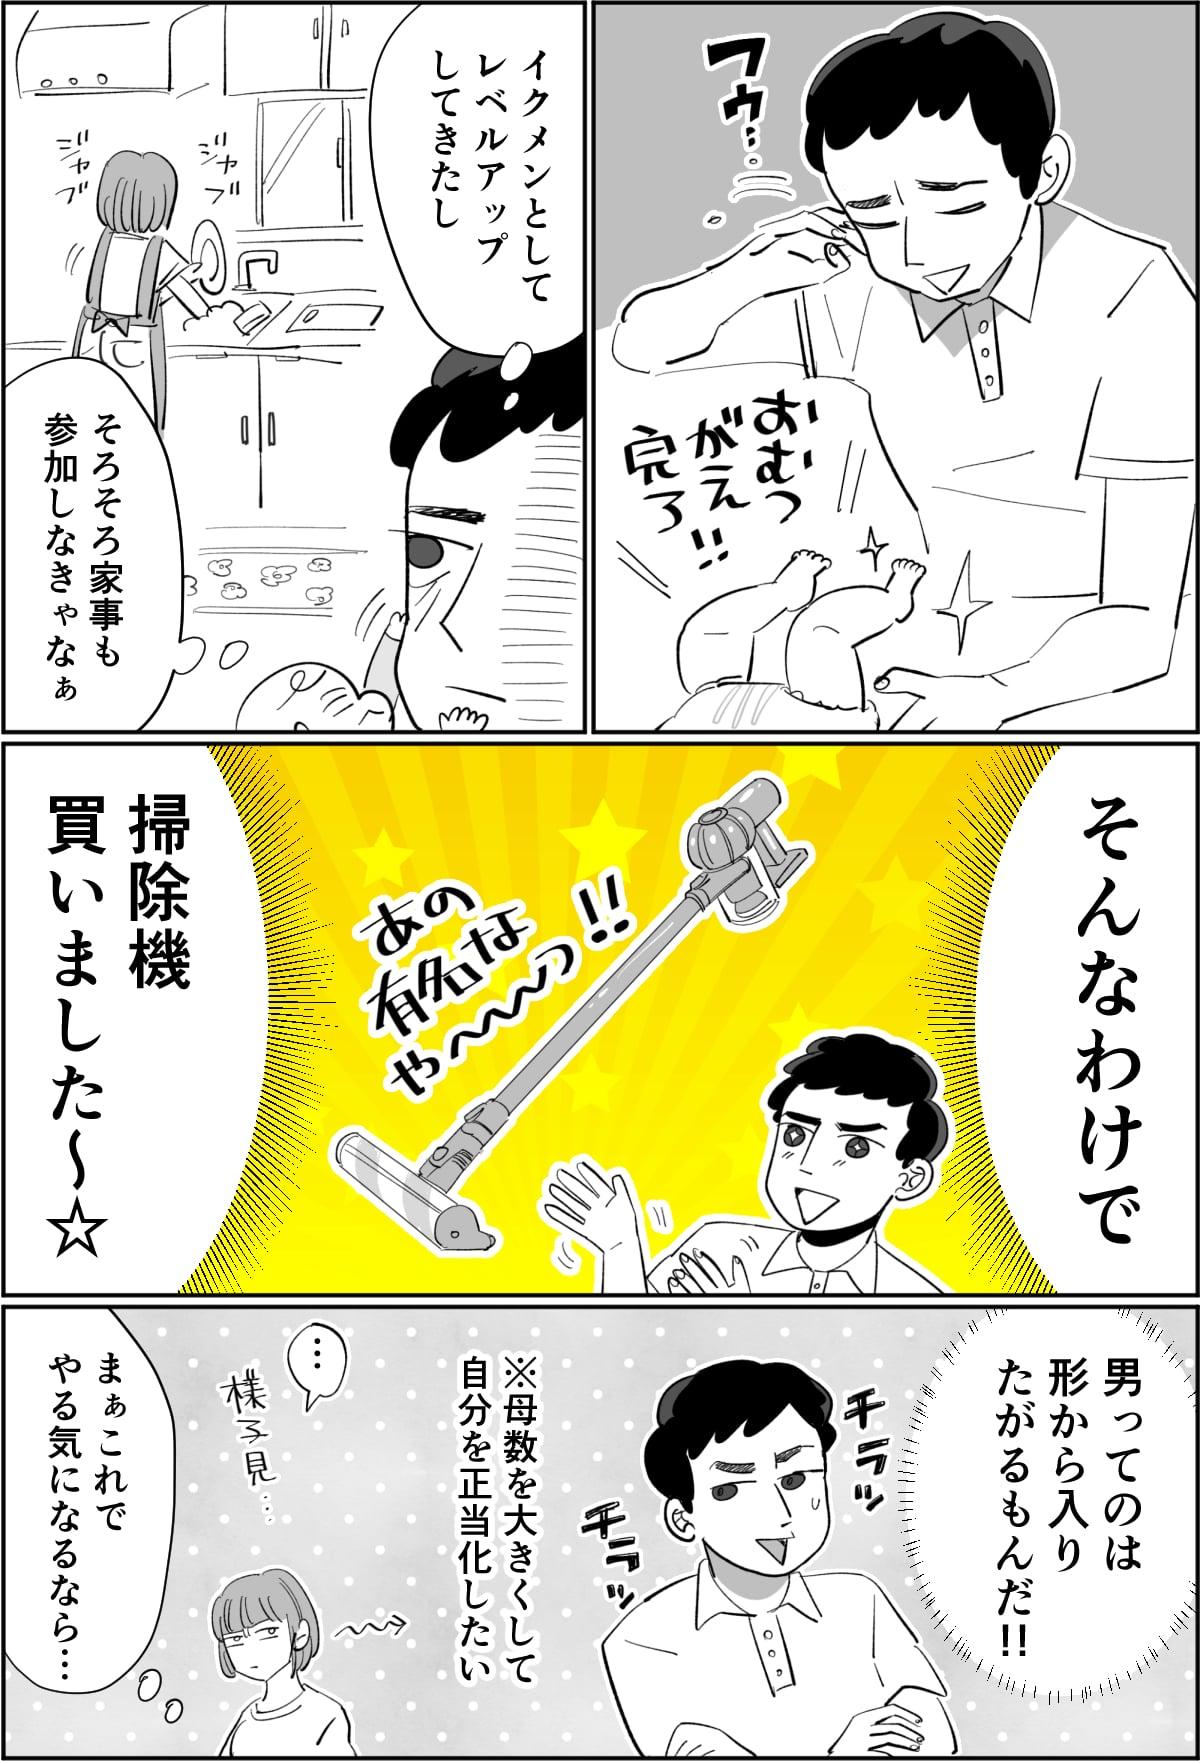 【前編:ギリギリ旦那11】-1